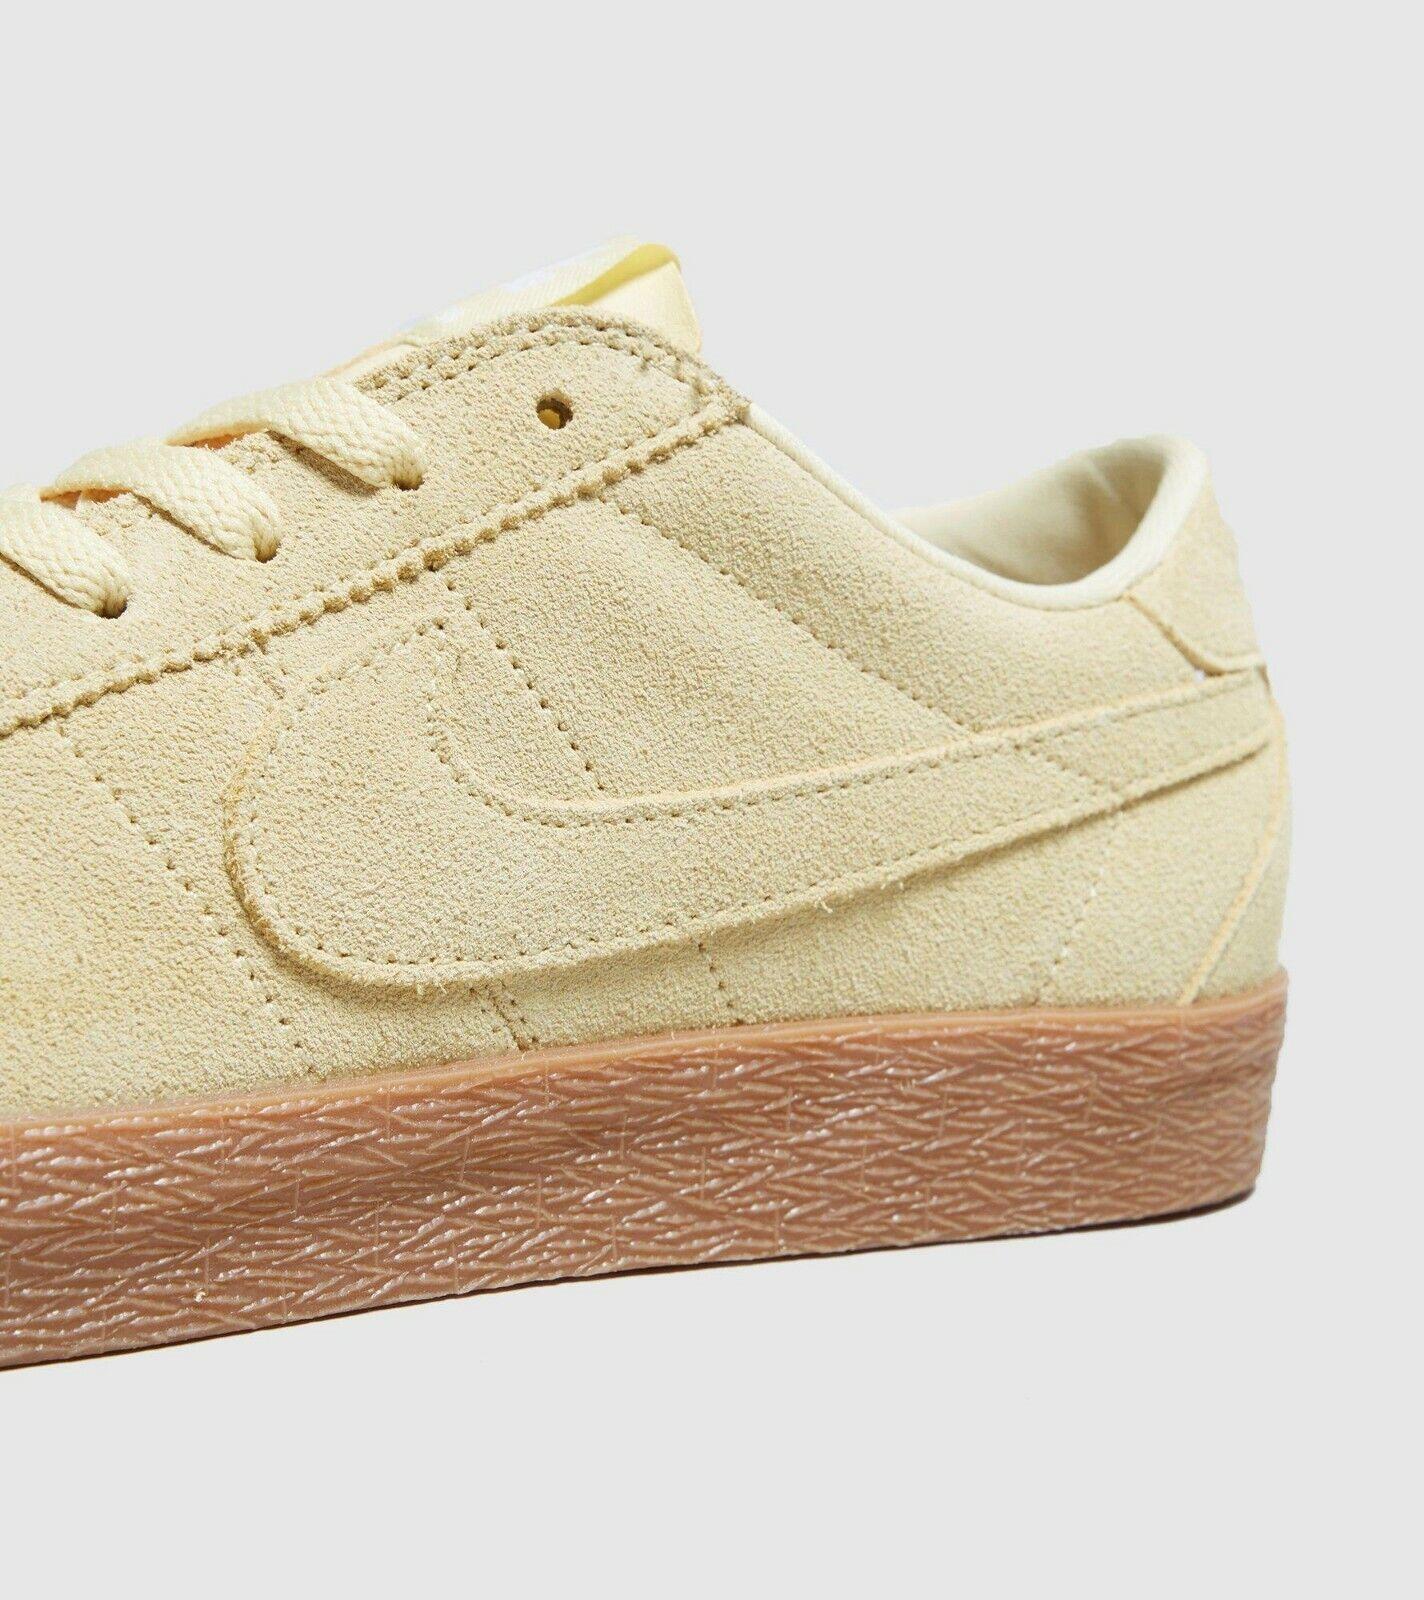 Nike SB Zoom Premium se Para Hombre Bruin entrenadores - (UK 10.5 EU 45.5) Color Limón